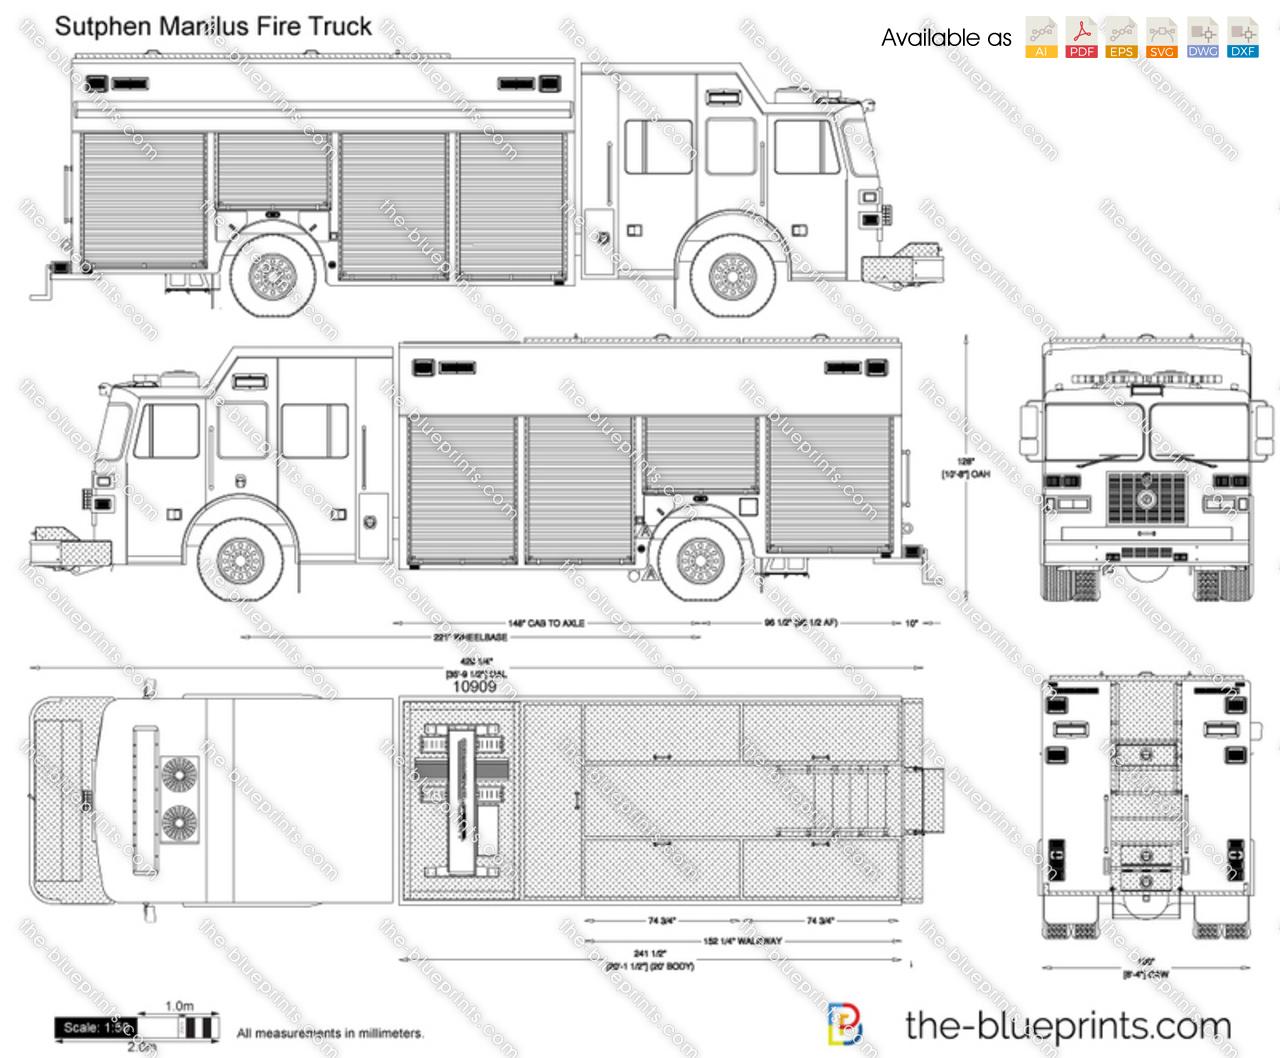 Sutphen Manilus Fire Truck